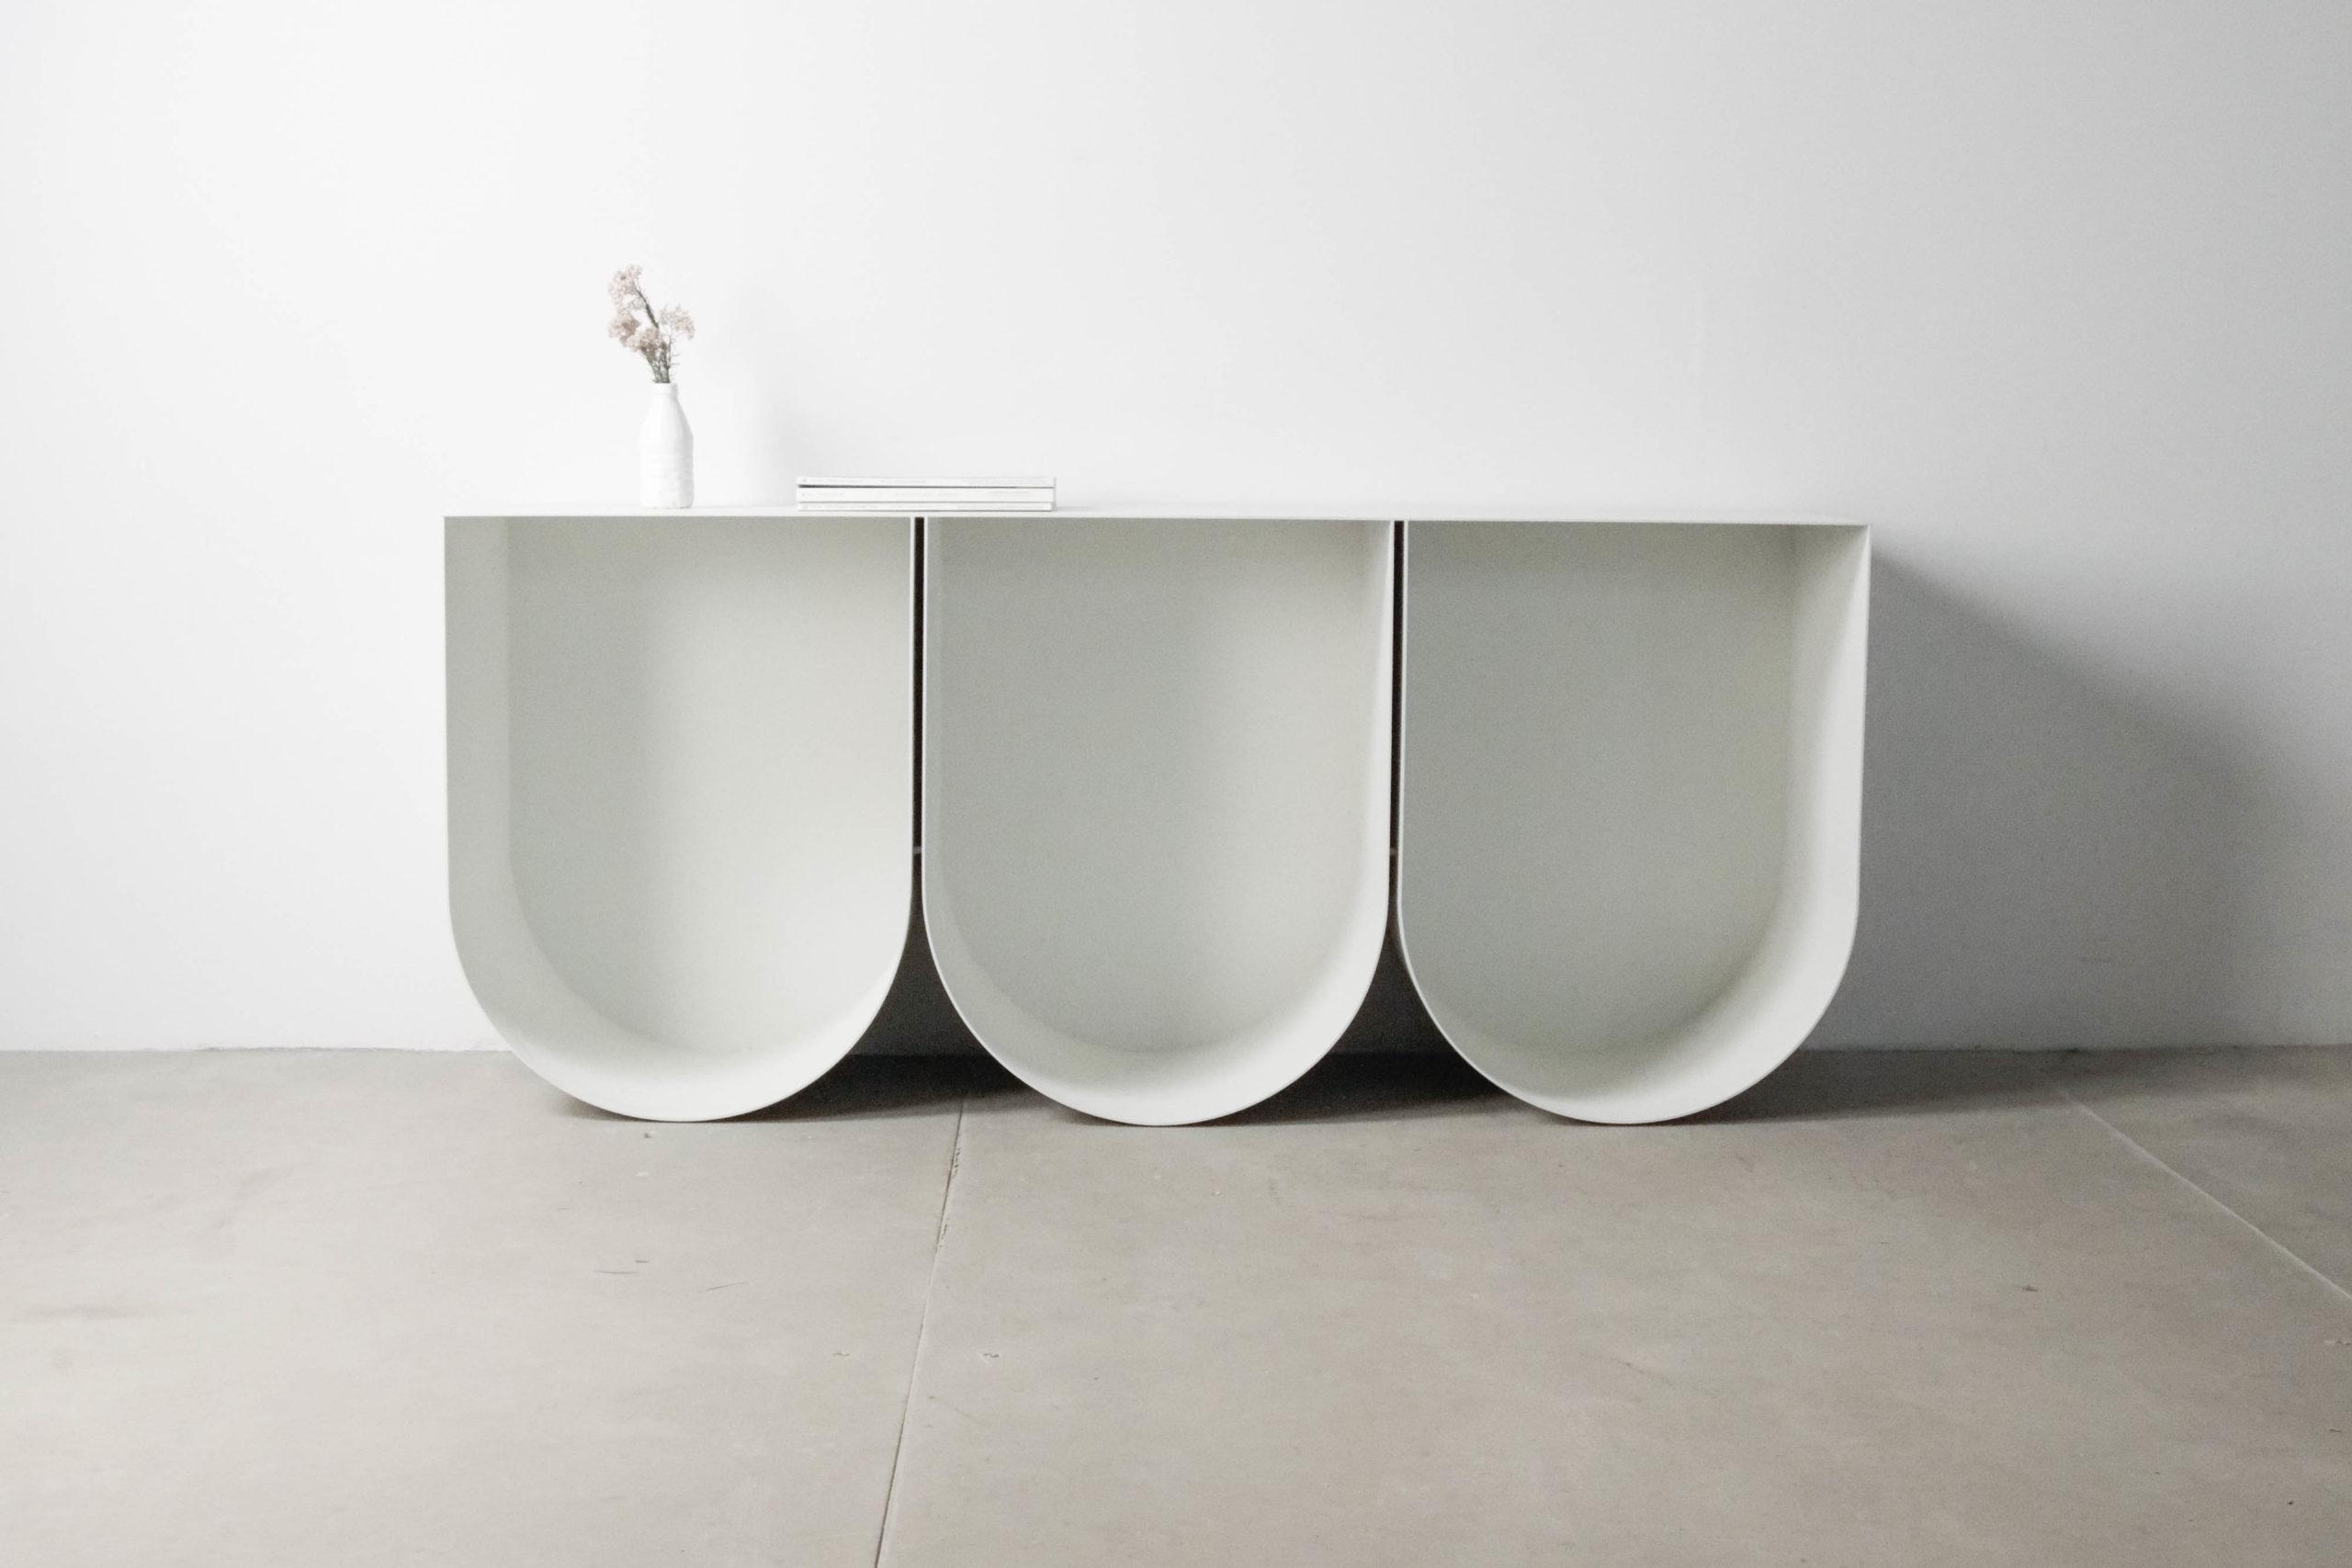 mueble u consola estanteria blanca metalica moderna